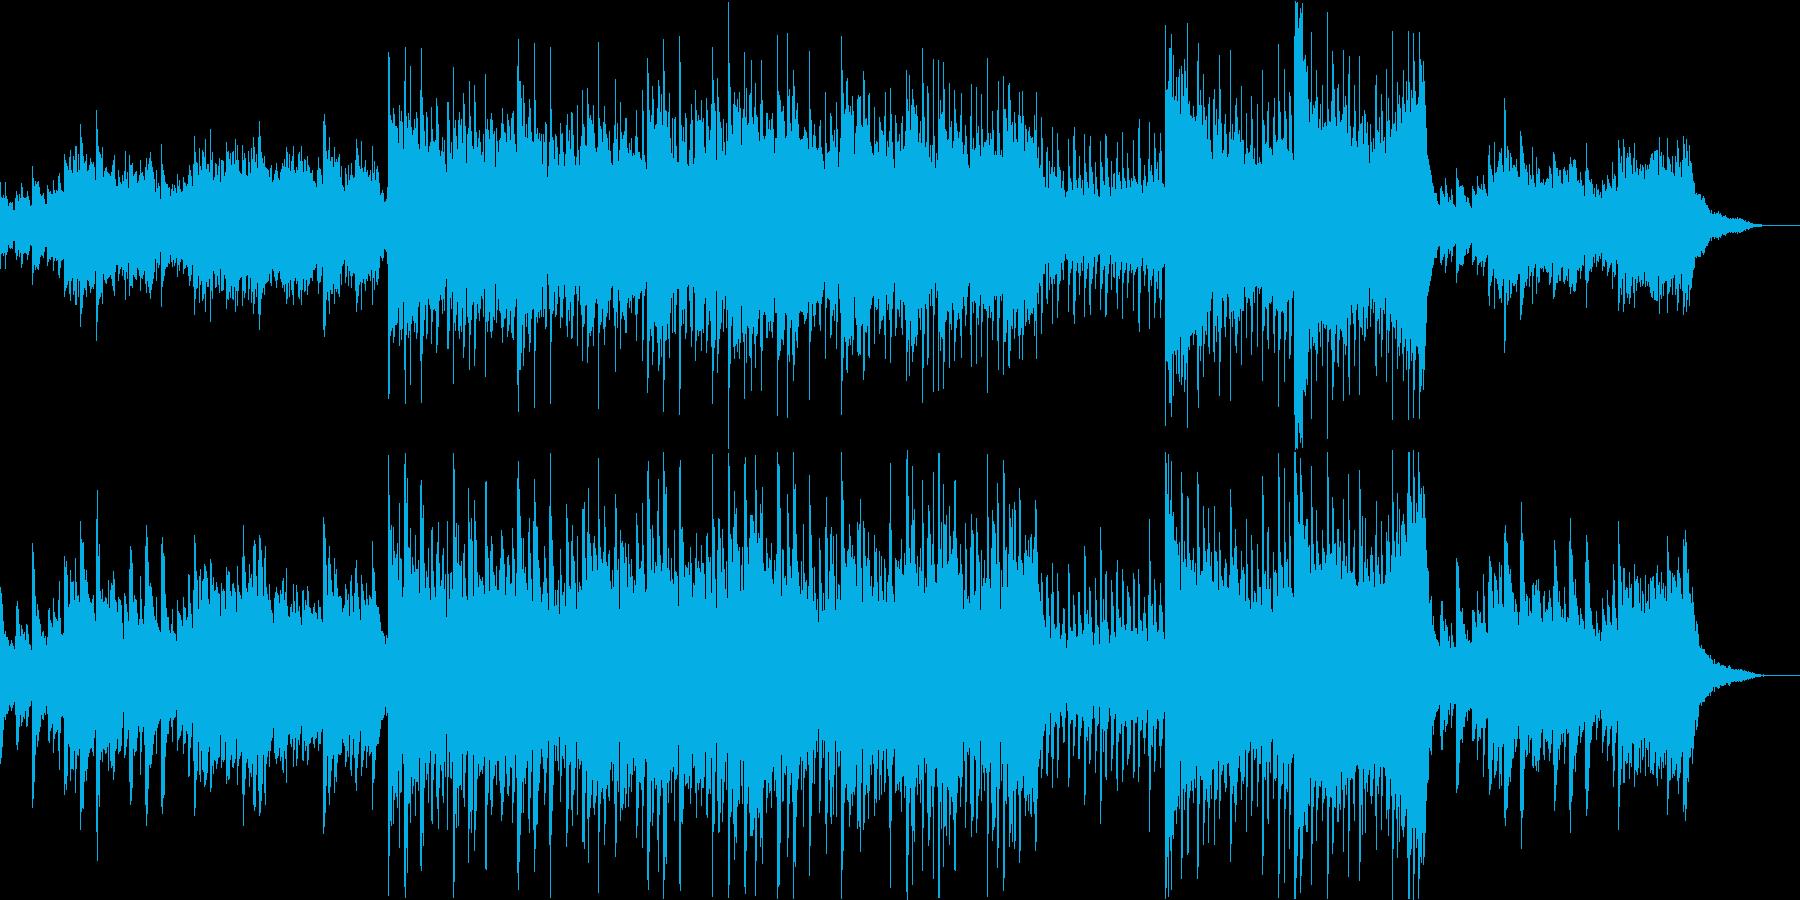 呪われた家/ハロウィンBGM/奇妙な夢の再生済みの波形